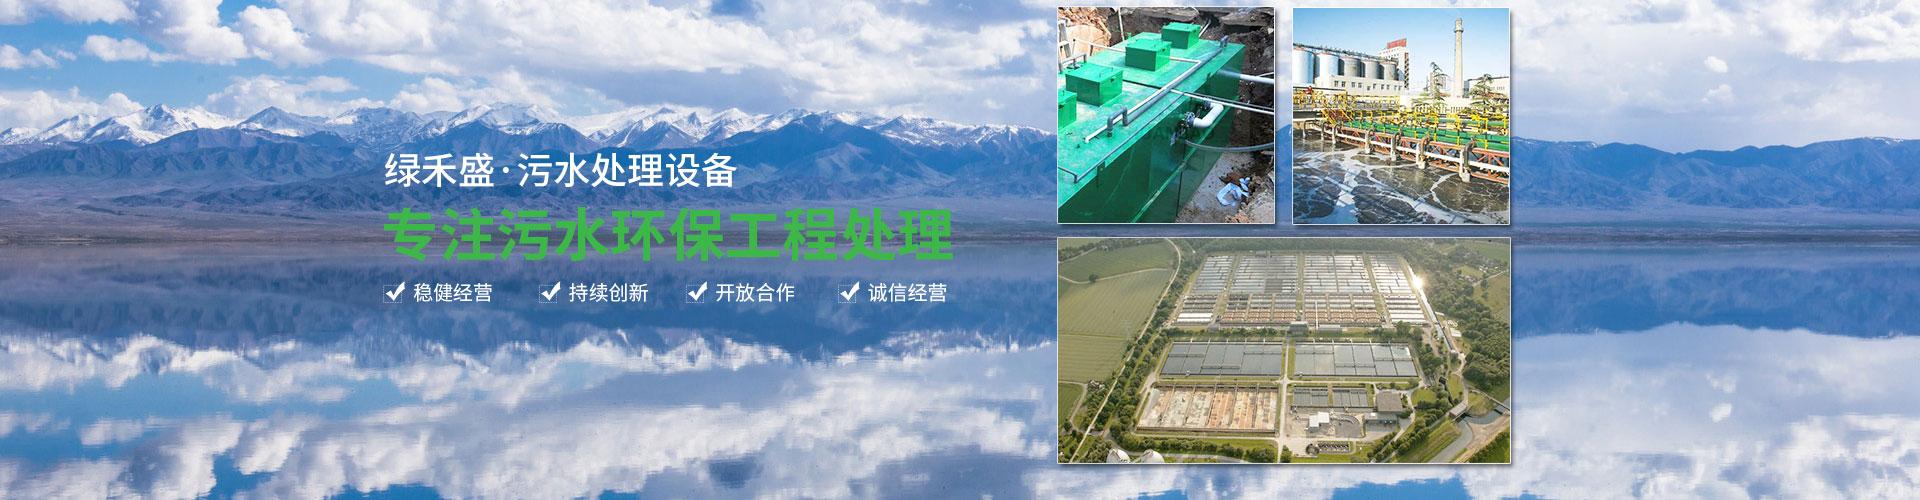 污水环保工程处理